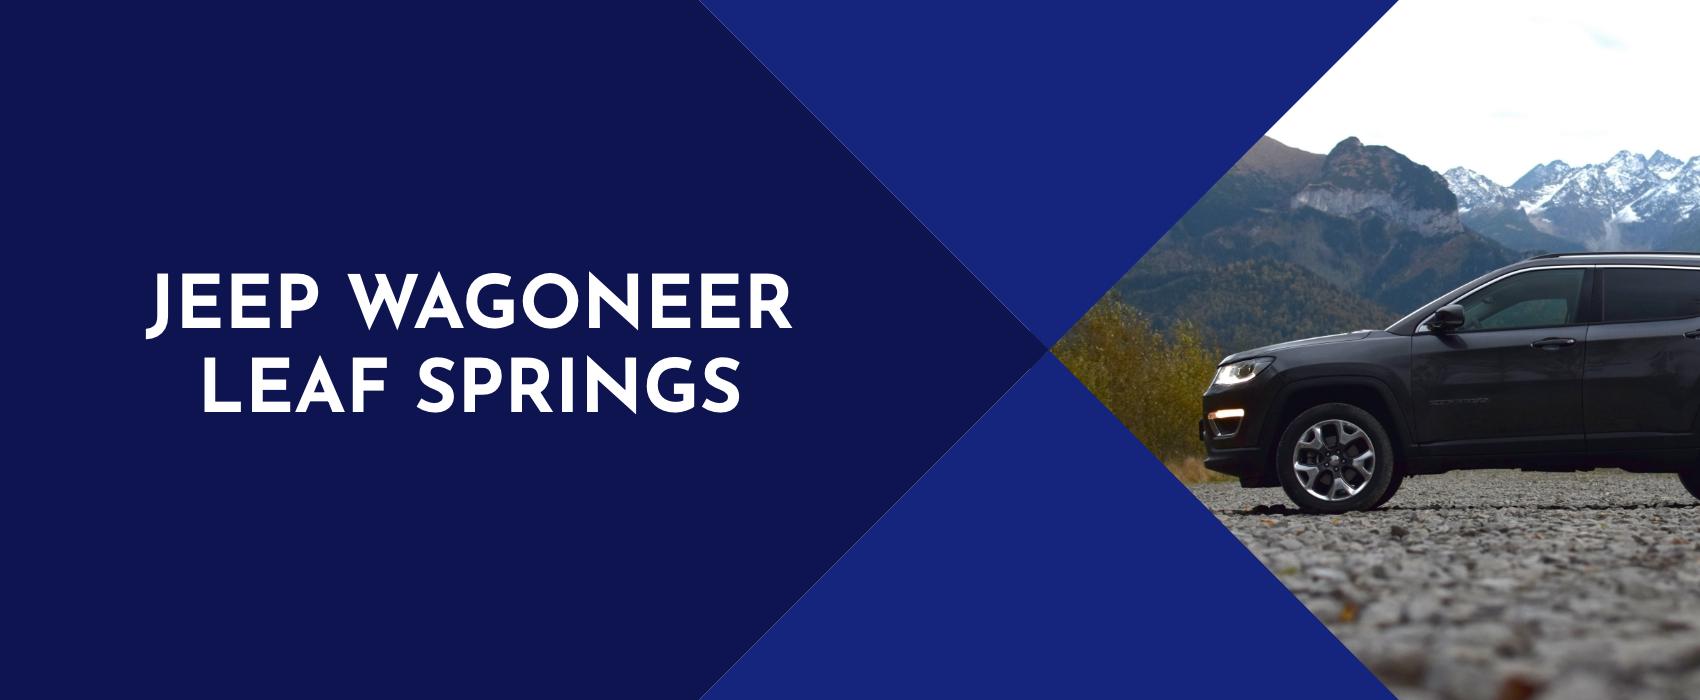 01-jeep-wagoneer-leaf-springs.jpg